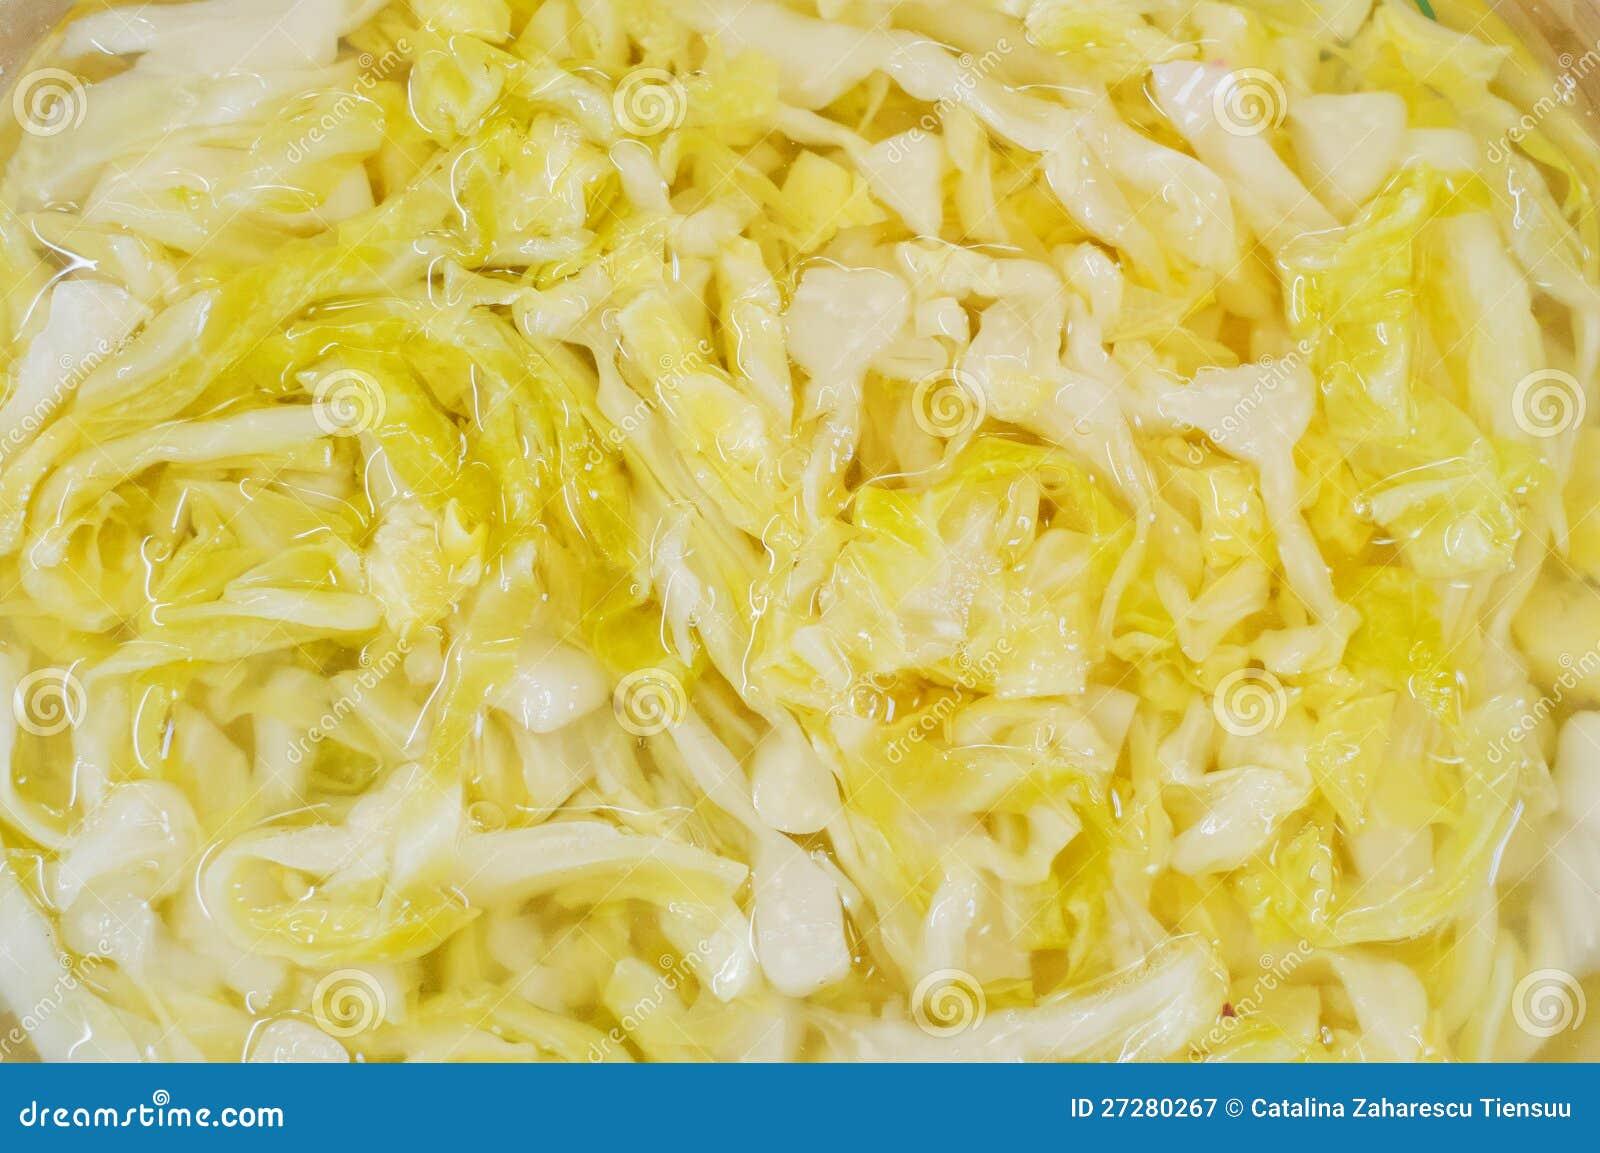 Sauerkrauttextur